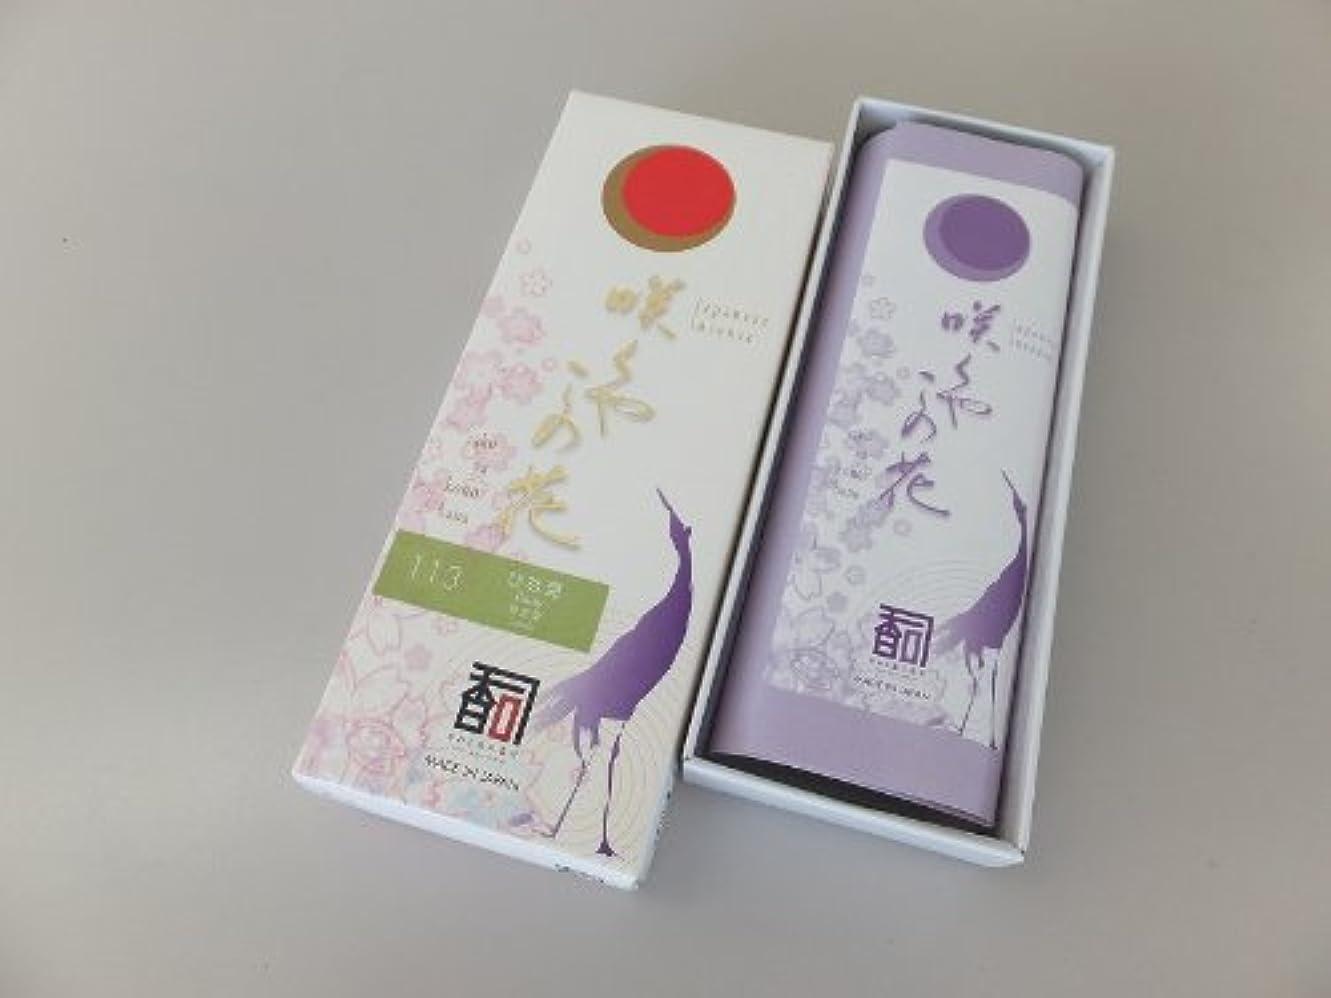 できたいたずらなその他「あわじ島の香司」 日本の香りシリーズ  [咲くや この花] 【113】 ひな菊 (有煙)